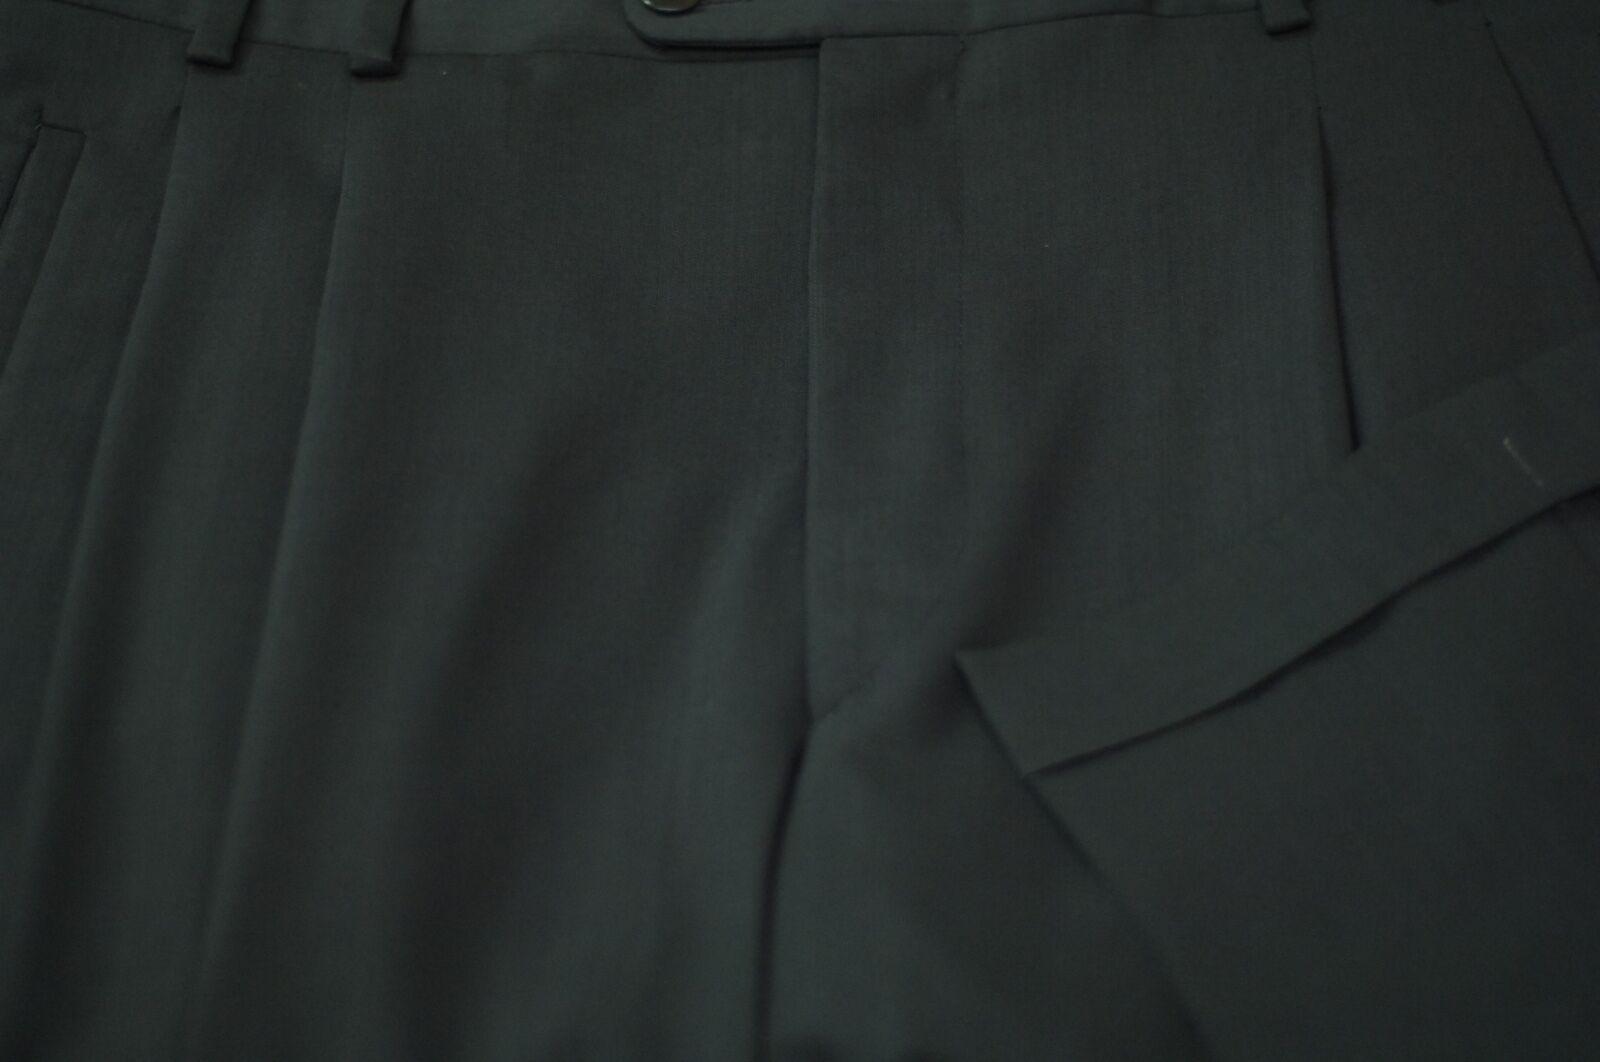 Zanella Men's Dark Olive All Season Wool Pleated Dress Pants 34 x 28